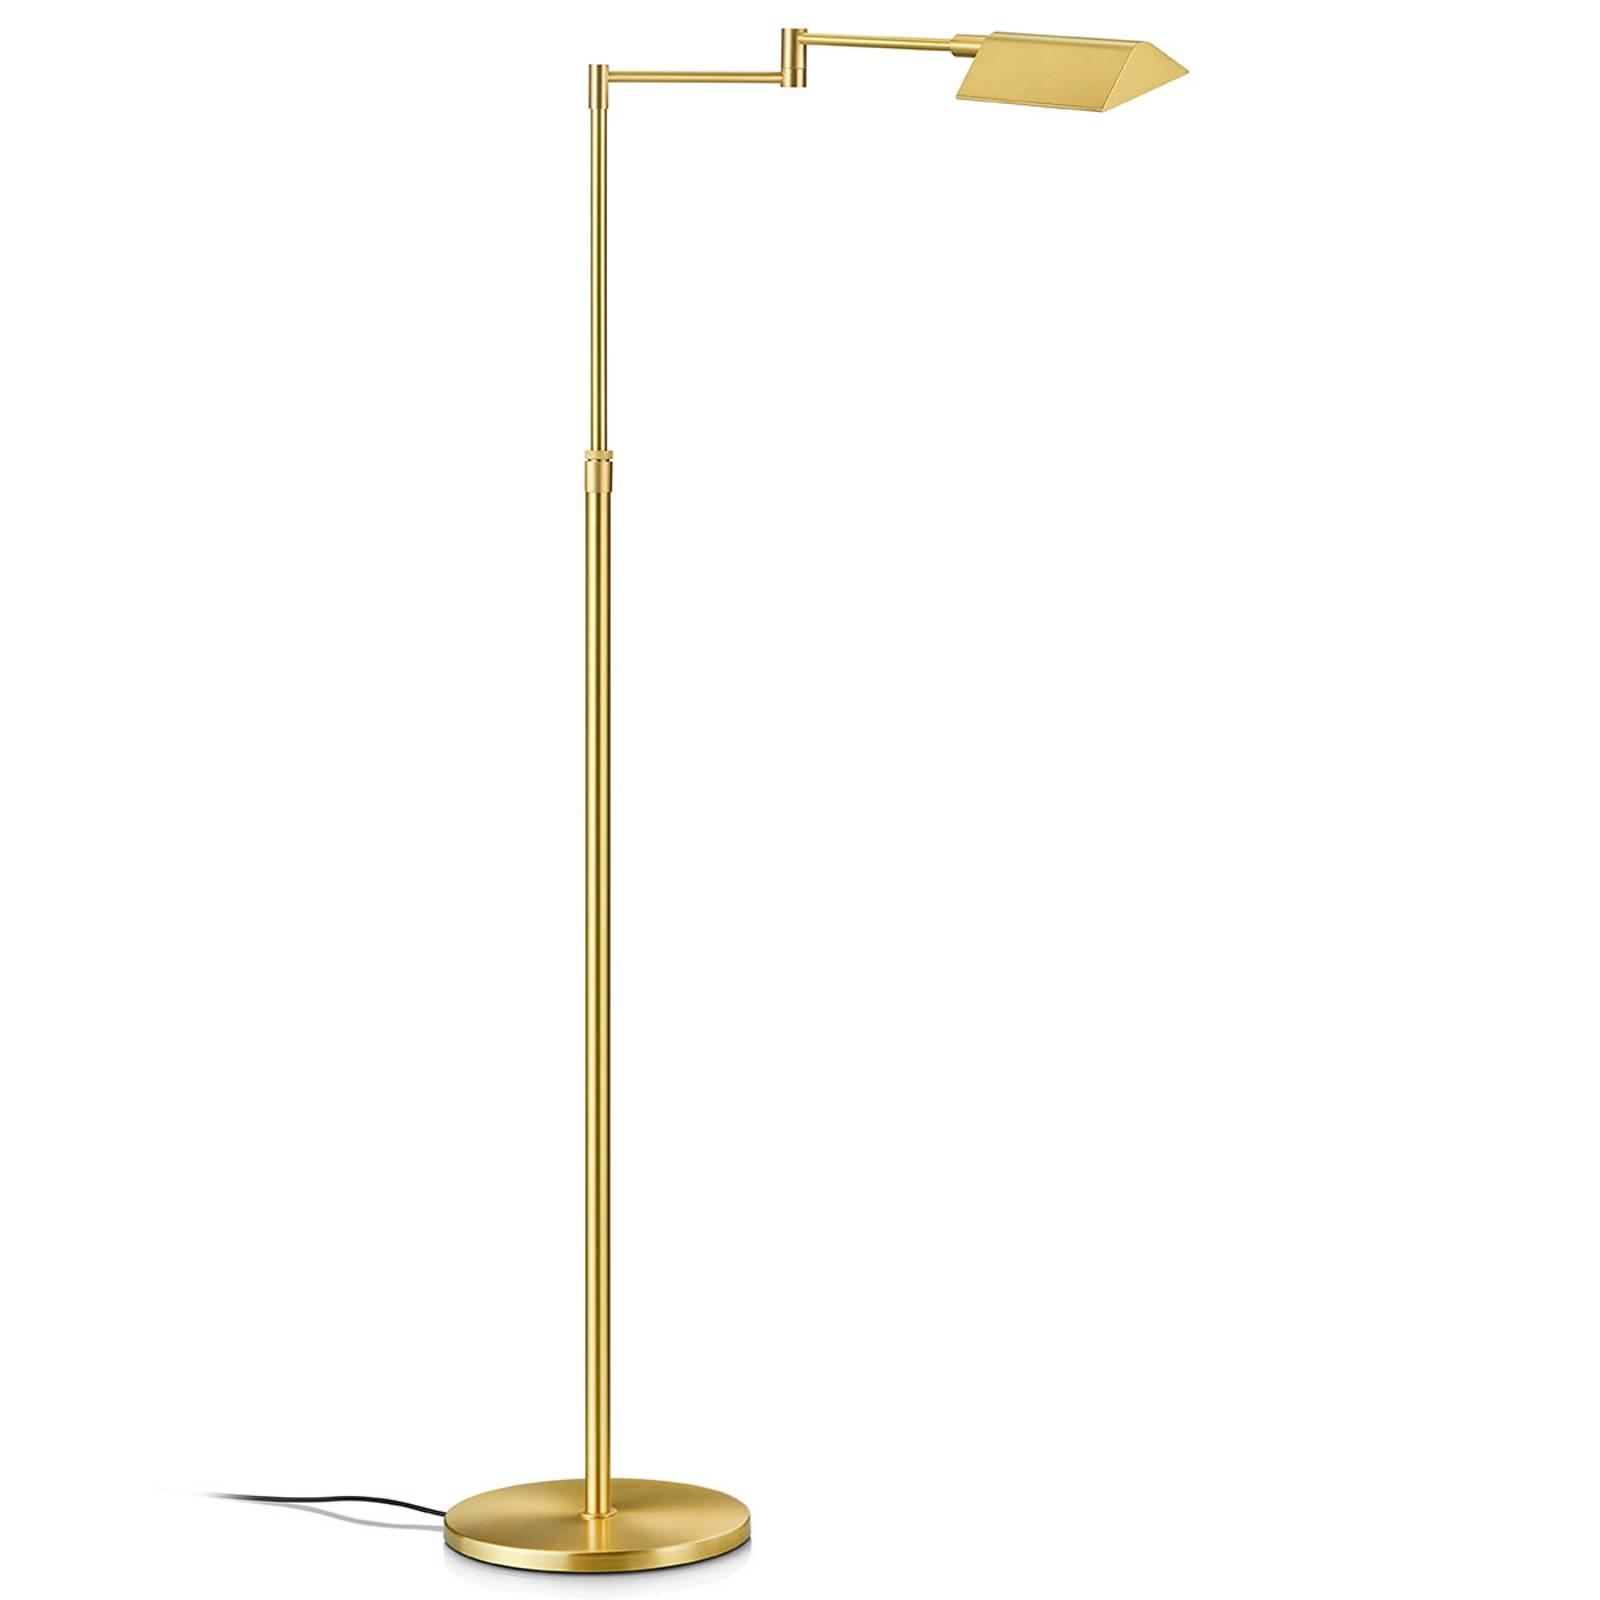 Sterowana gestem lampa stojąca LED Dream, mosiężna